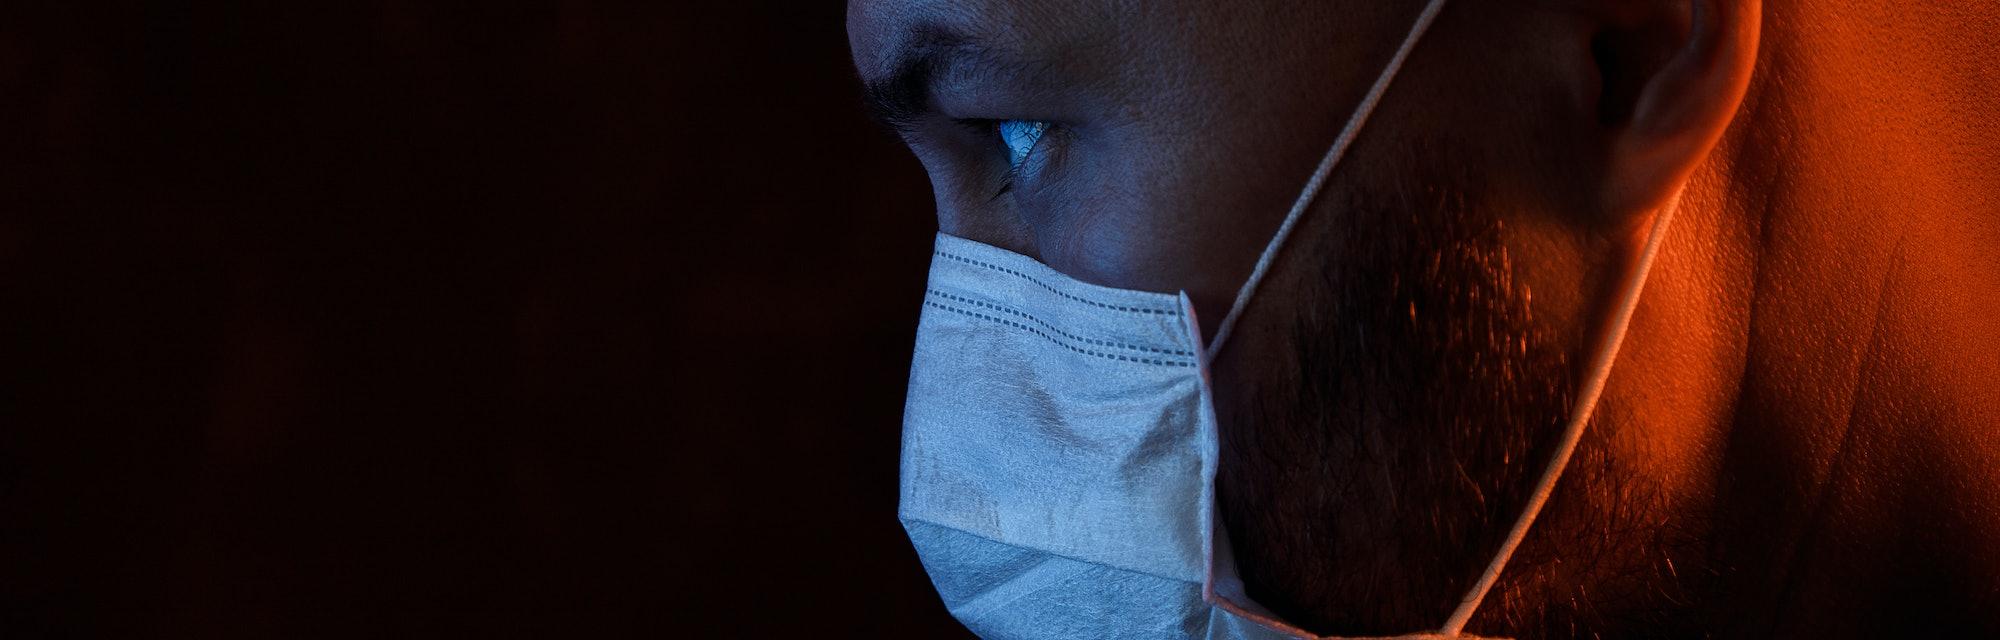 Man wearing a mask.